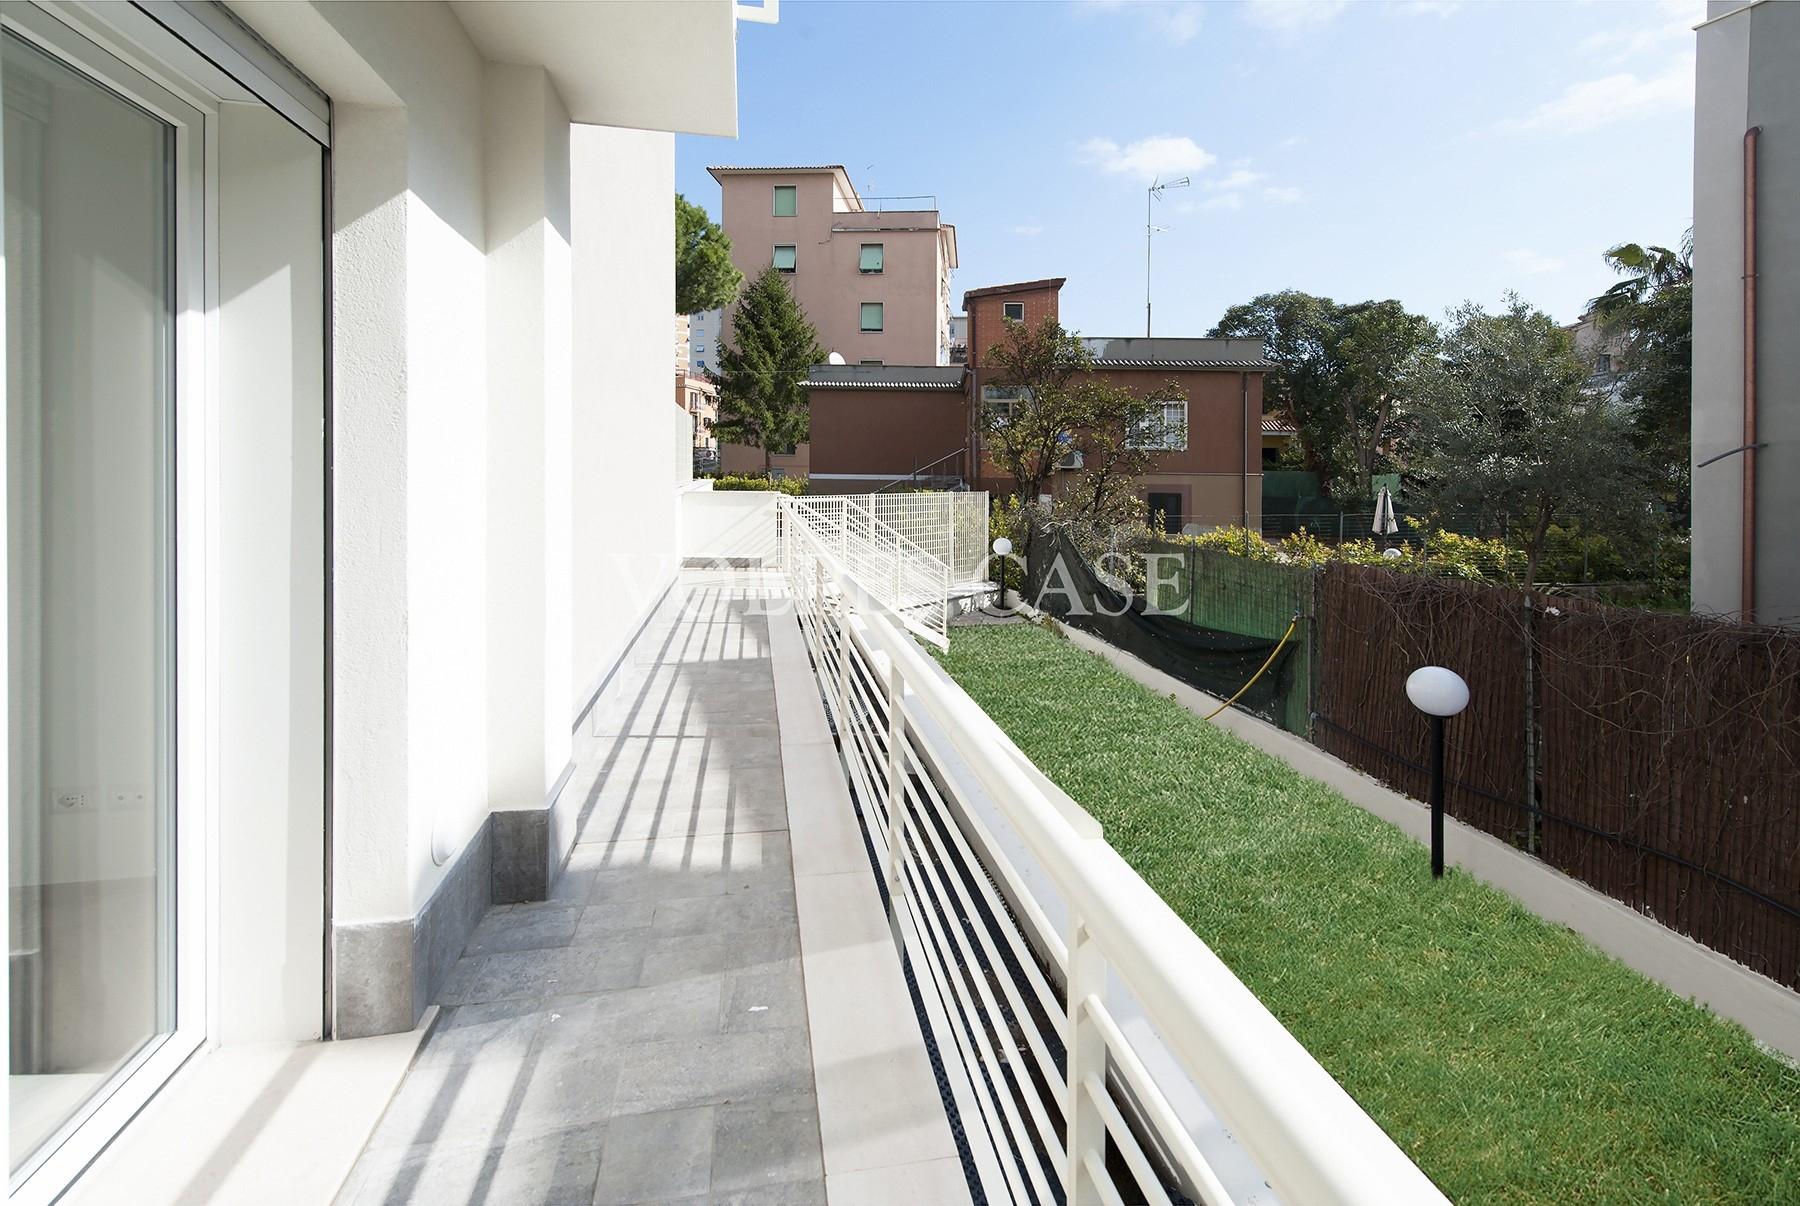 Appartamento in affitto a roma cod v45 3468 for Affitto appartamento roma privati